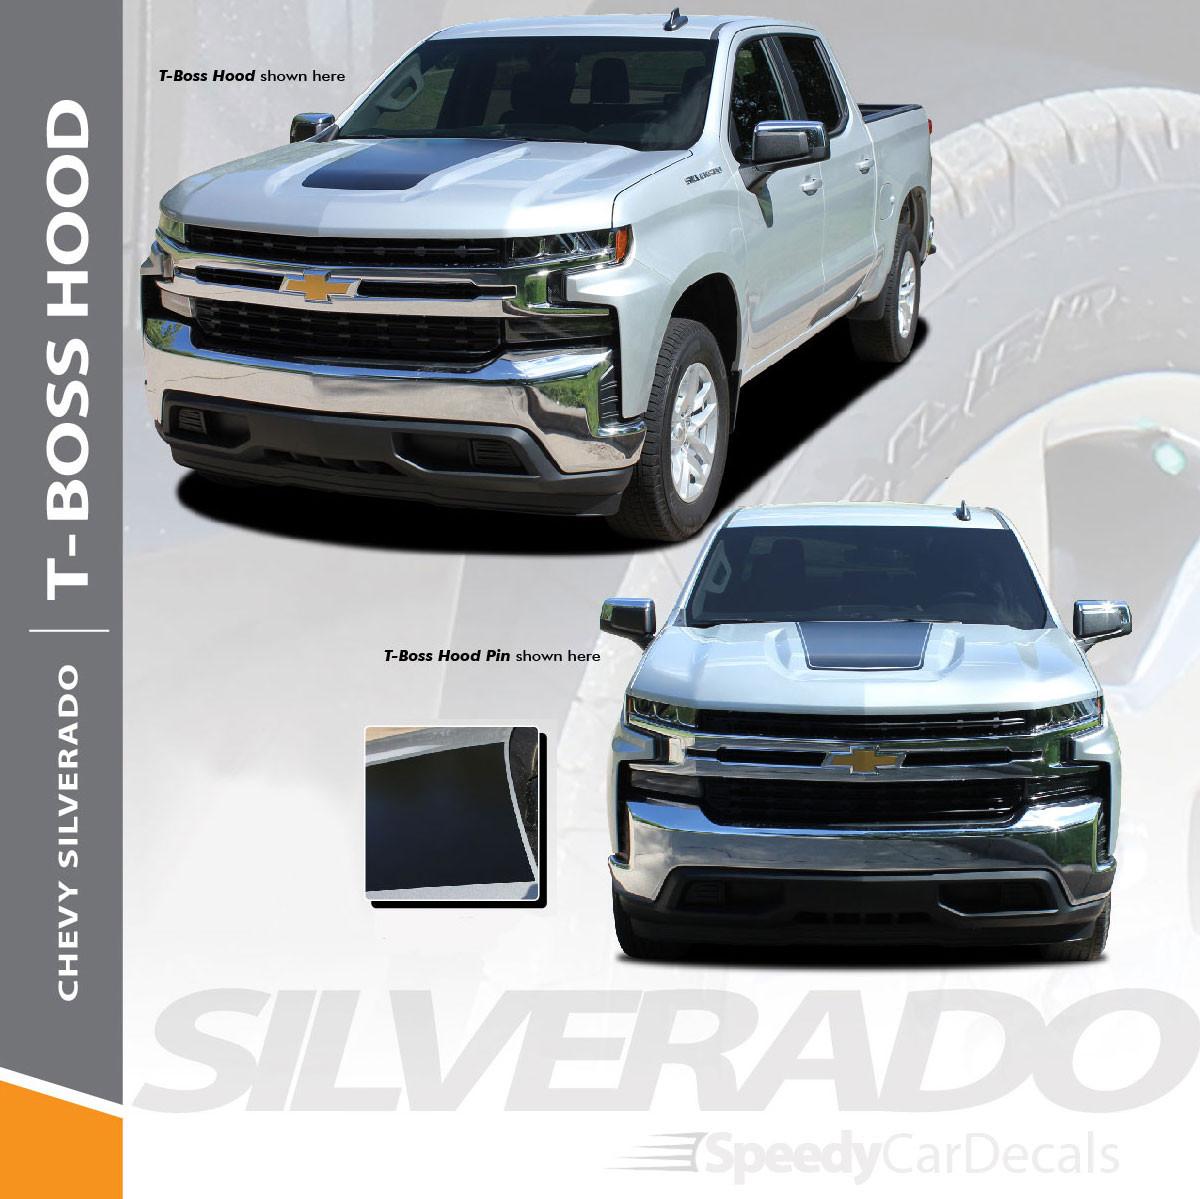 2019-2020 Chevy Silverado T-BOSS Hood Stripe